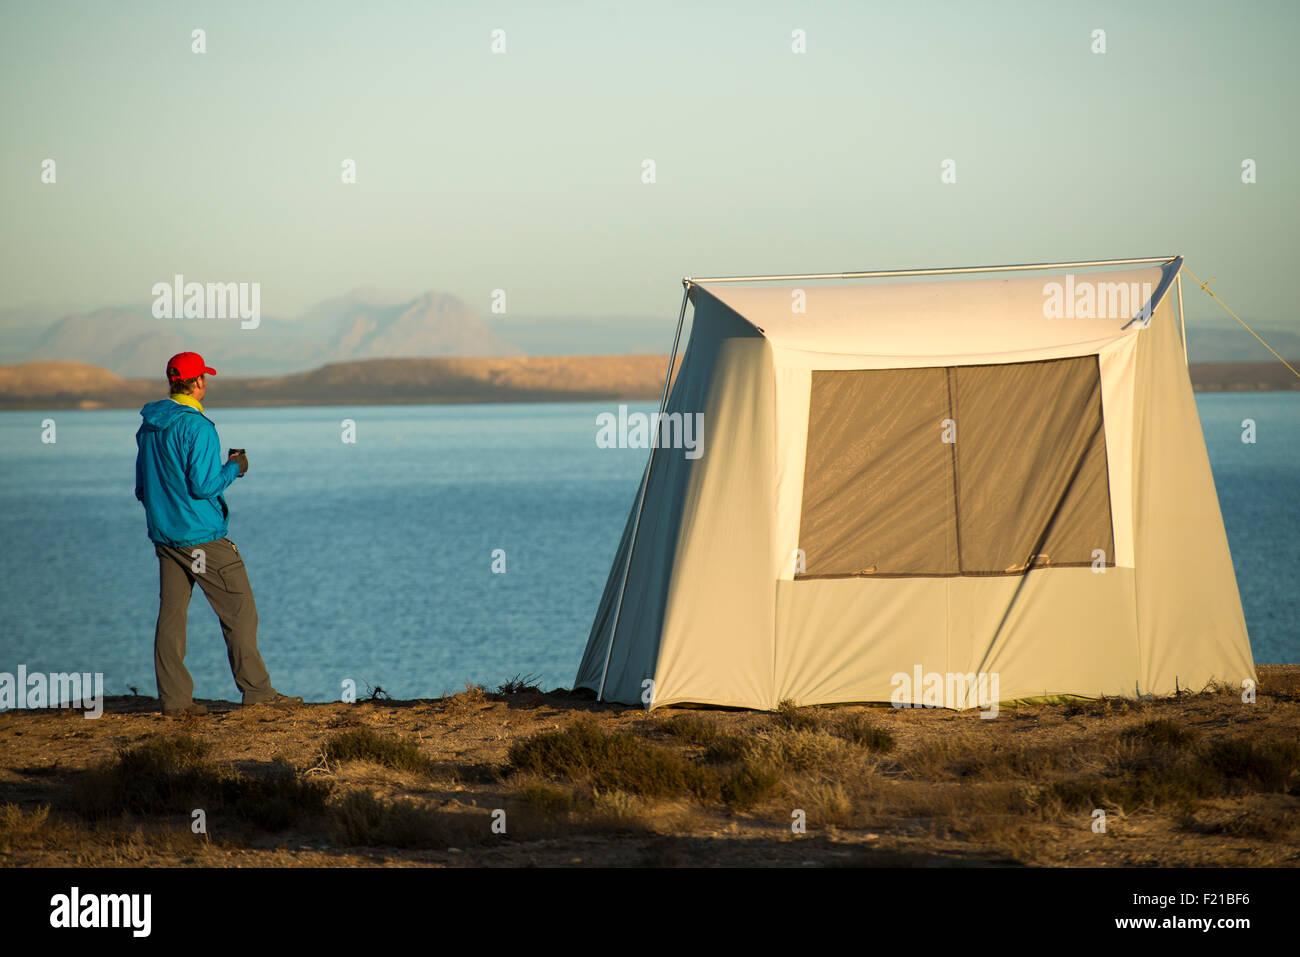 Mexico. San Ignacio Lagoon. Man enjoying morning beverage. - Stock Image